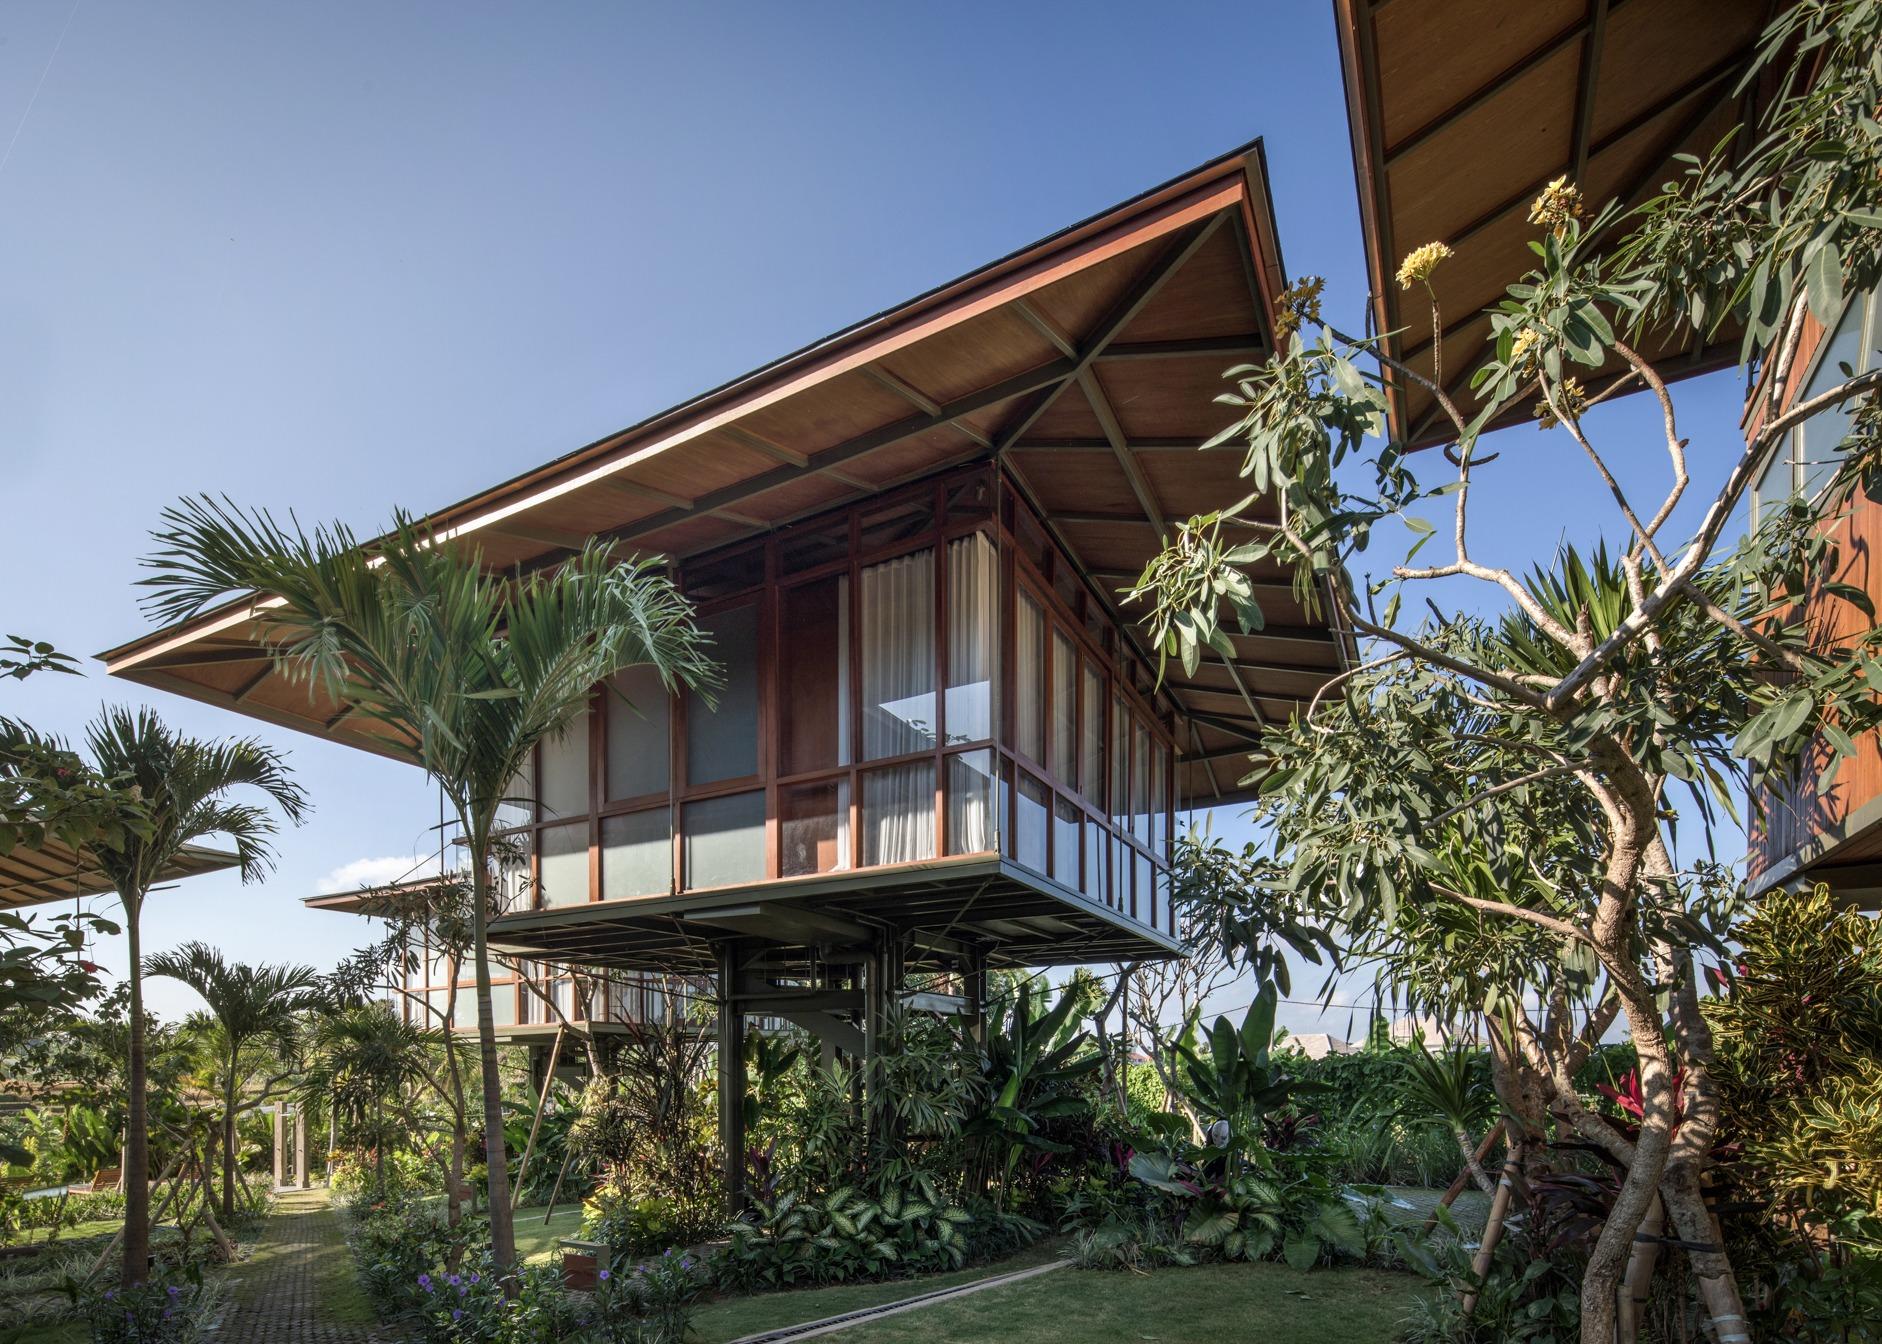 Casa de sonho: O sonho de viver e trabalhar em Bali